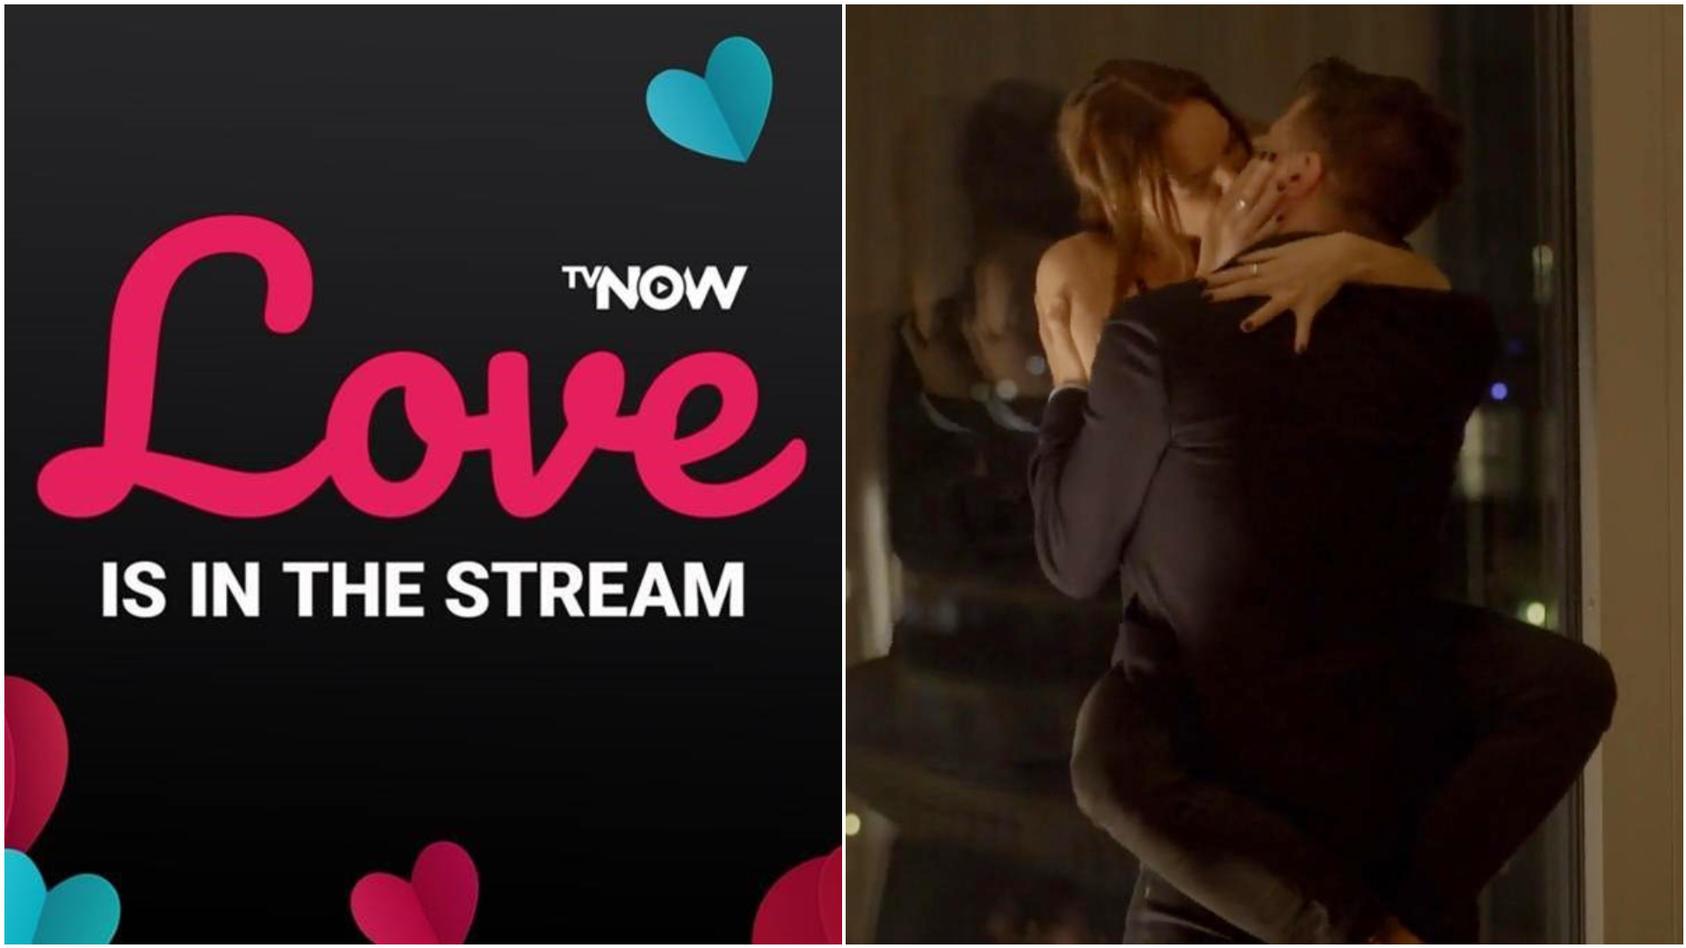 Auf TVNOW wartet ein heißes Valentinstags-Programm auf die Zuschauer.